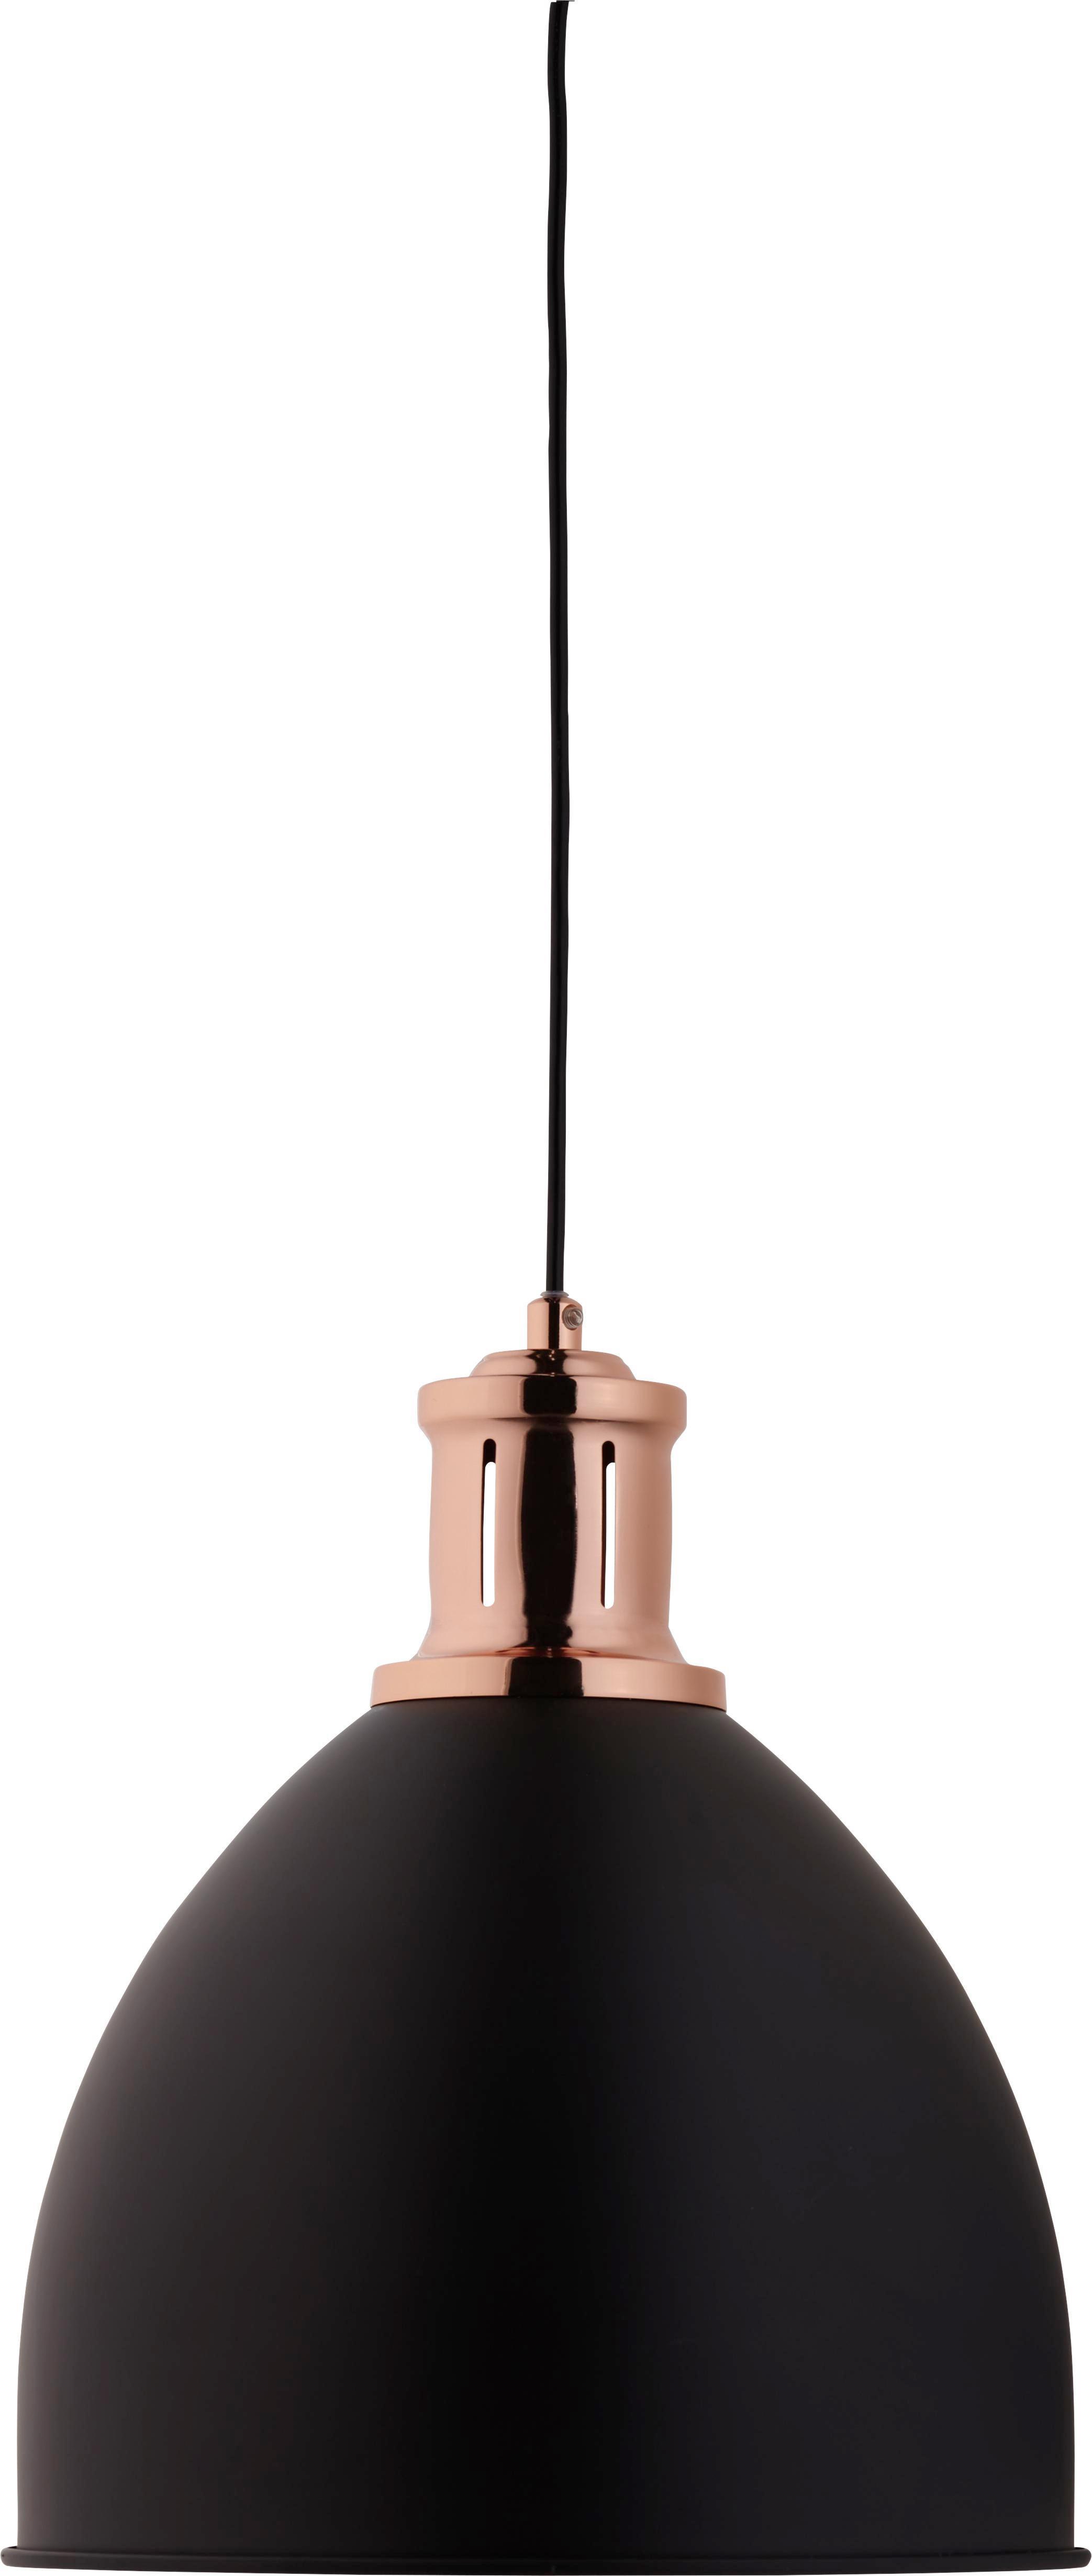 Hängeleuchte Ava - Schwarz/Kupferfarben, MODERN, Metall (30/30/120cm) - MÖMAX modern living